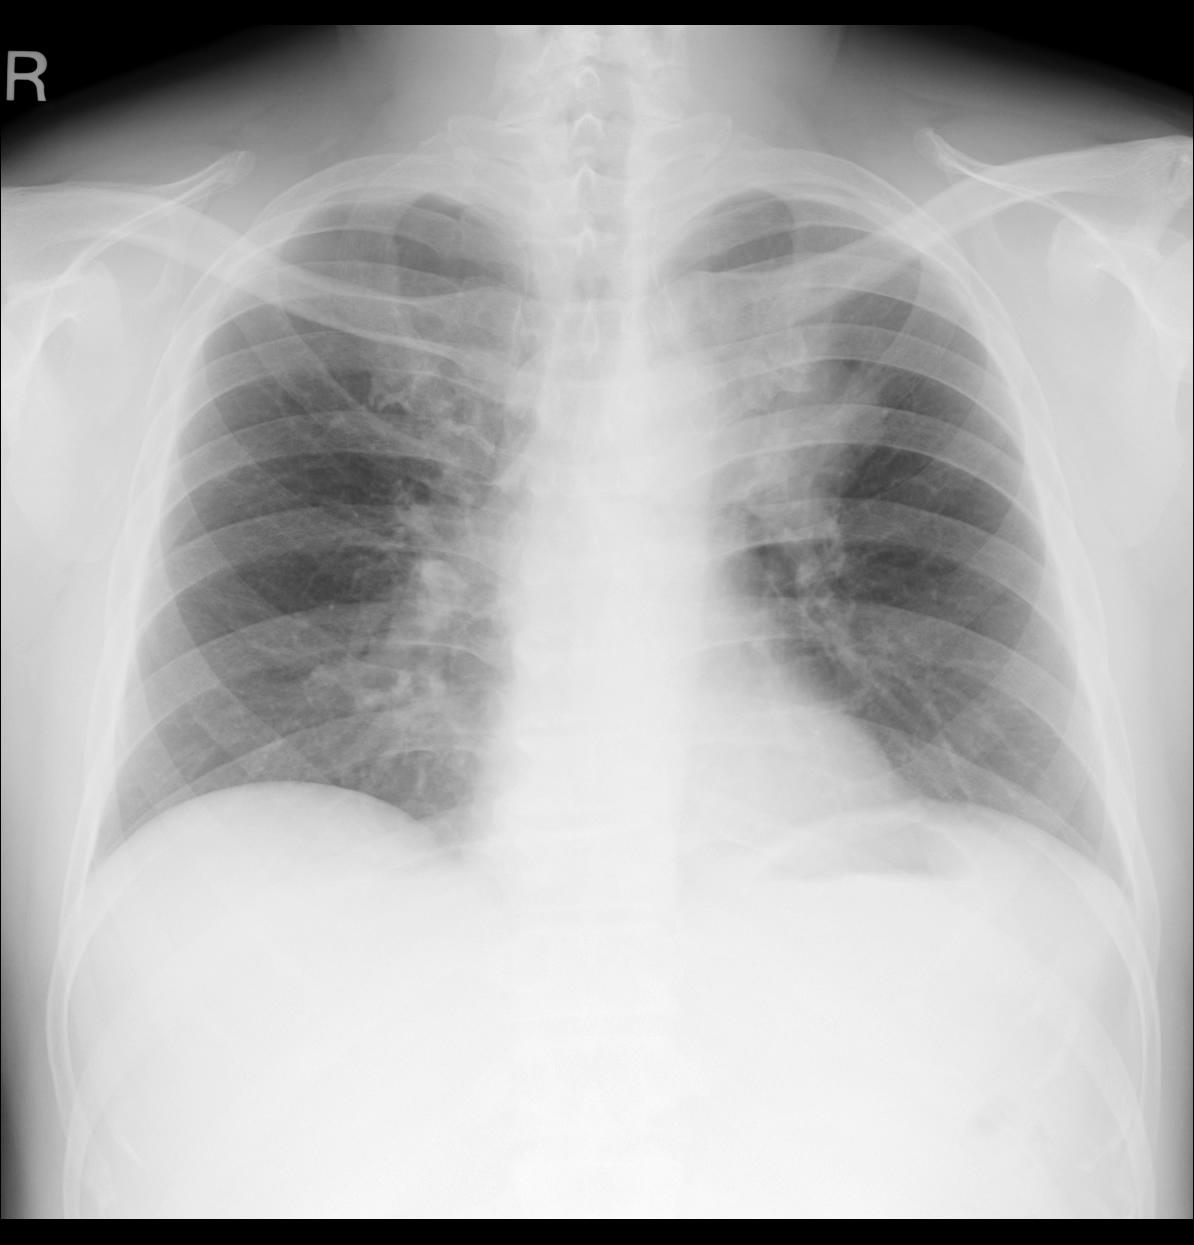 シルエットサインと肺分画